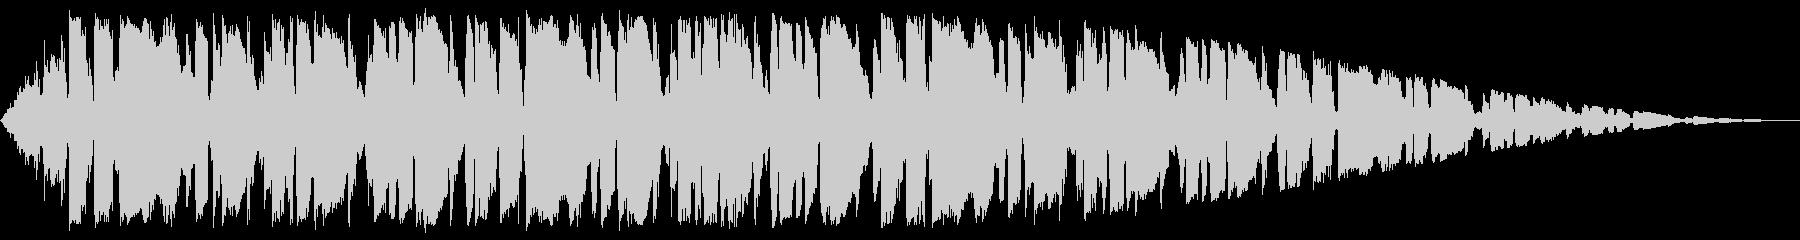 ほのぼの系ポップスインストの未再生の波形